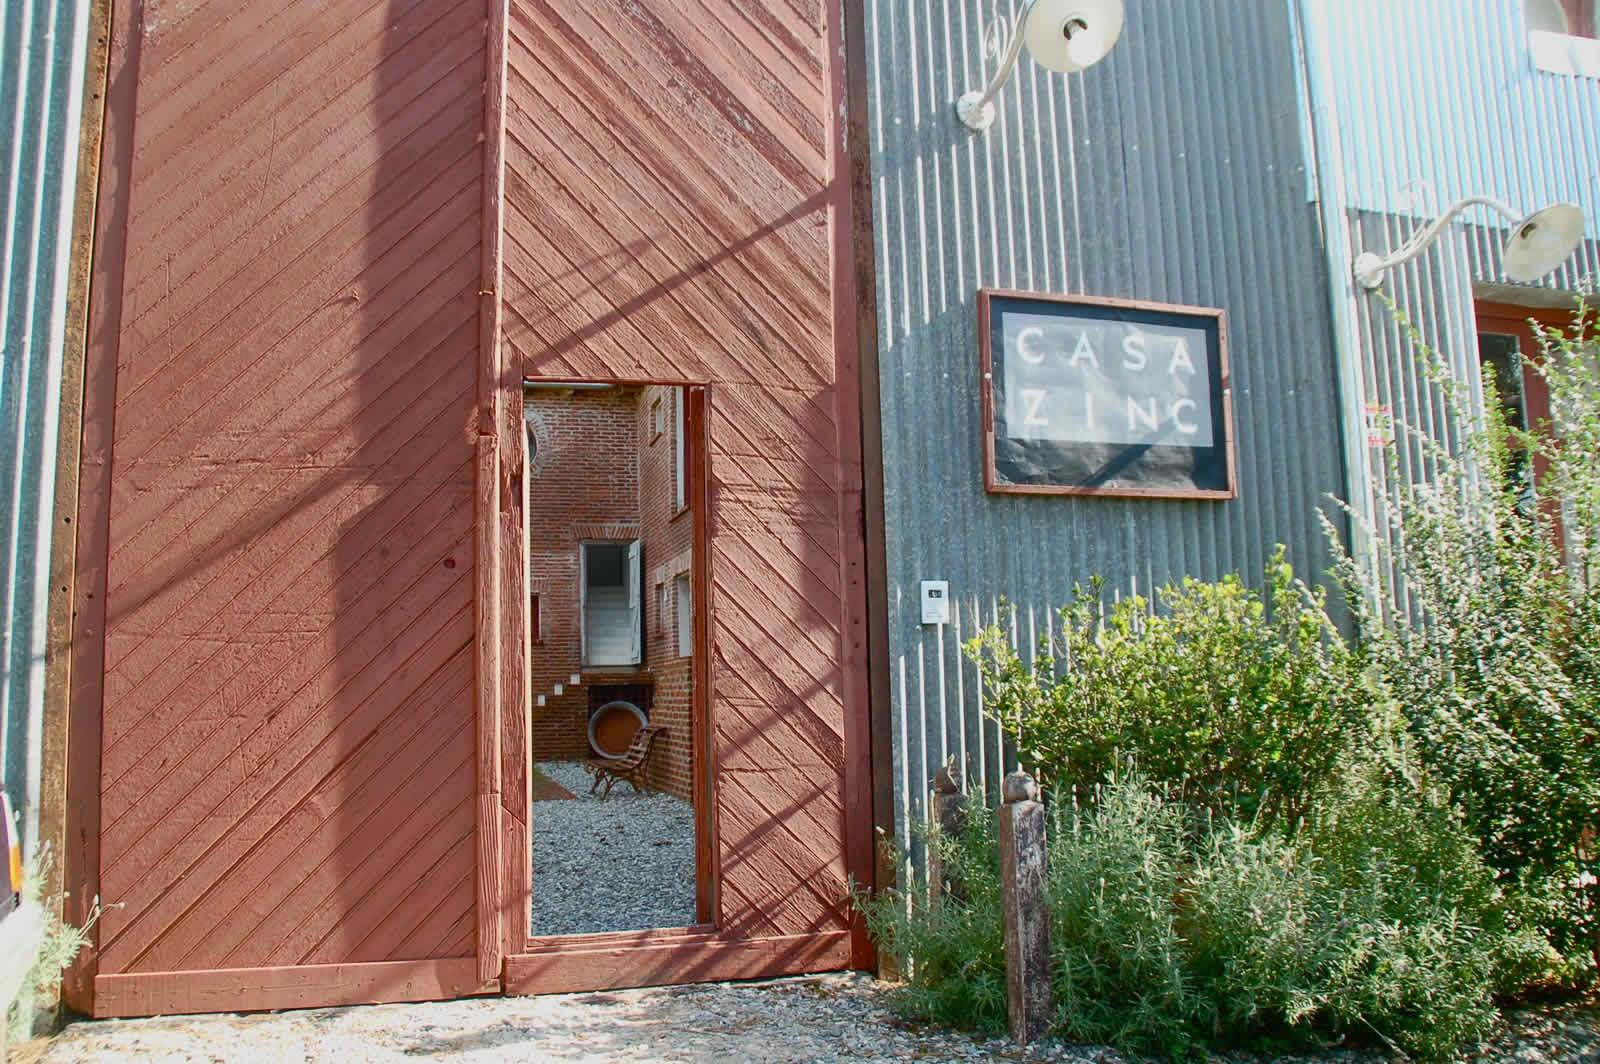 posada casa zinc dise o ecl ctico en punta del este